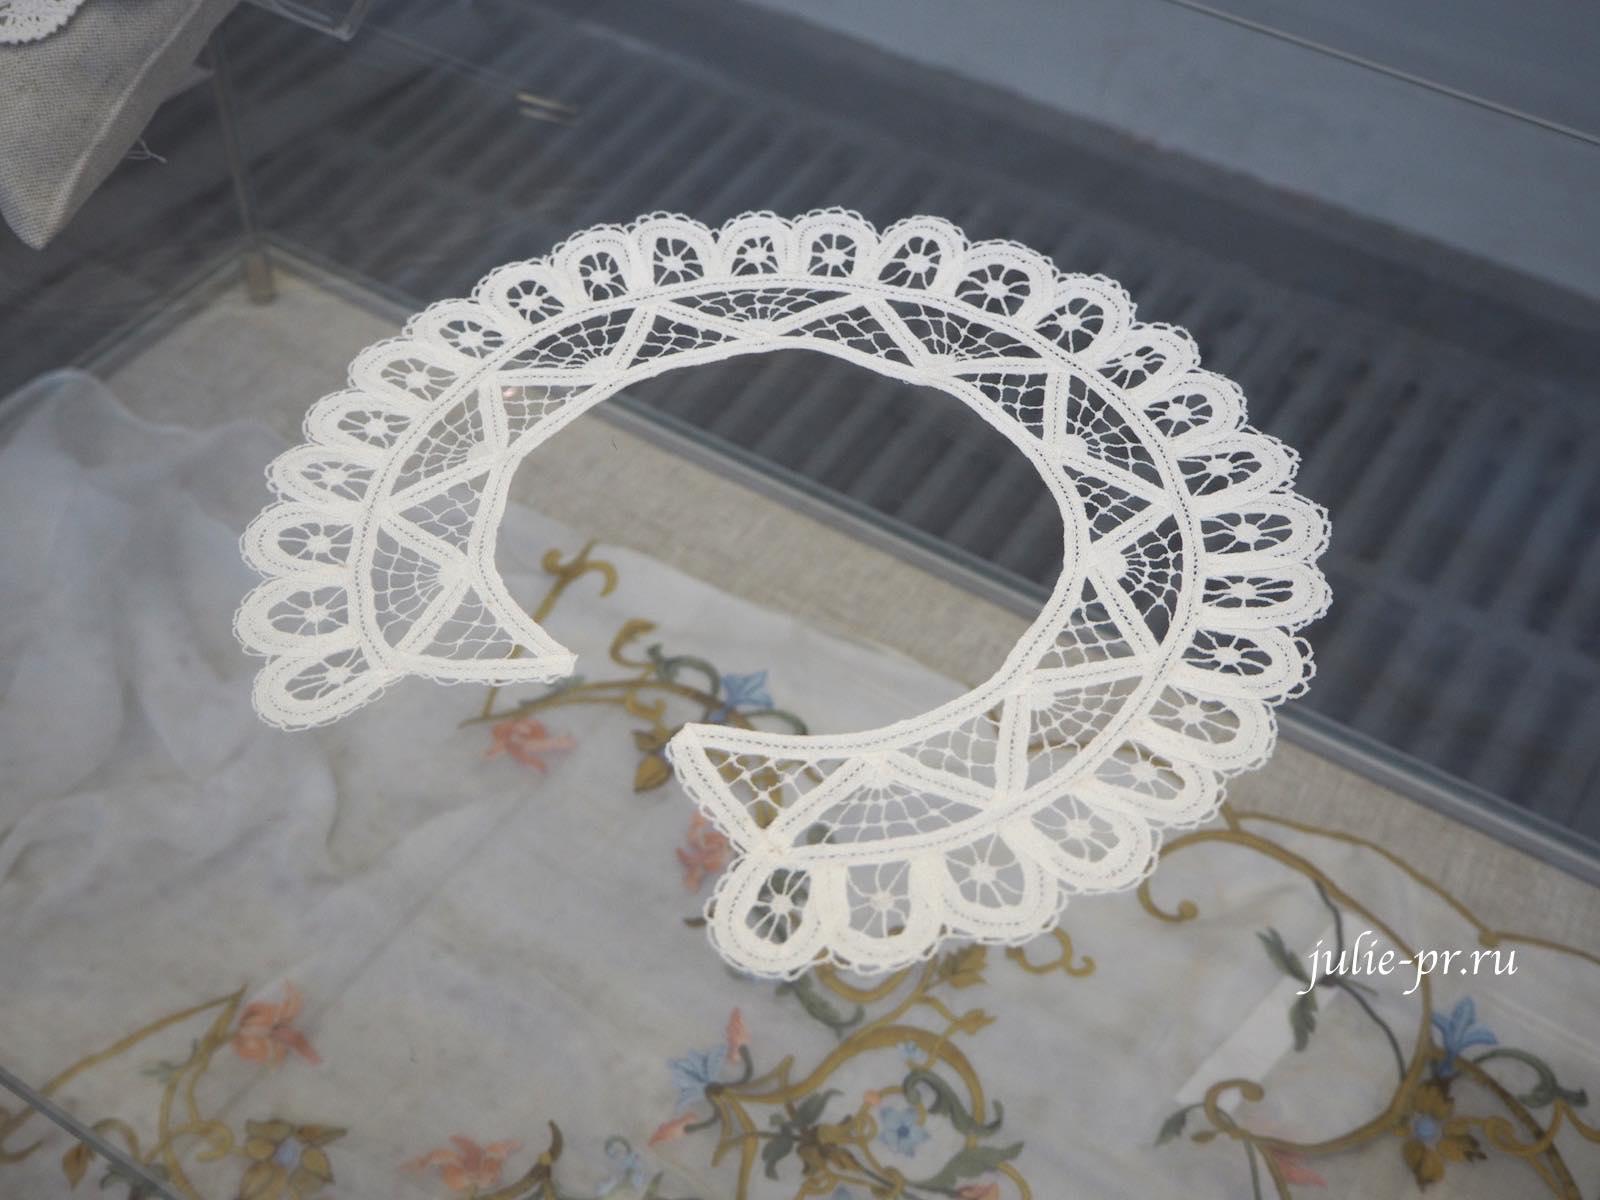 Всероссийская выставка вышивки, вышивка, Воротник, ленточное кружево, ажурная вышивка